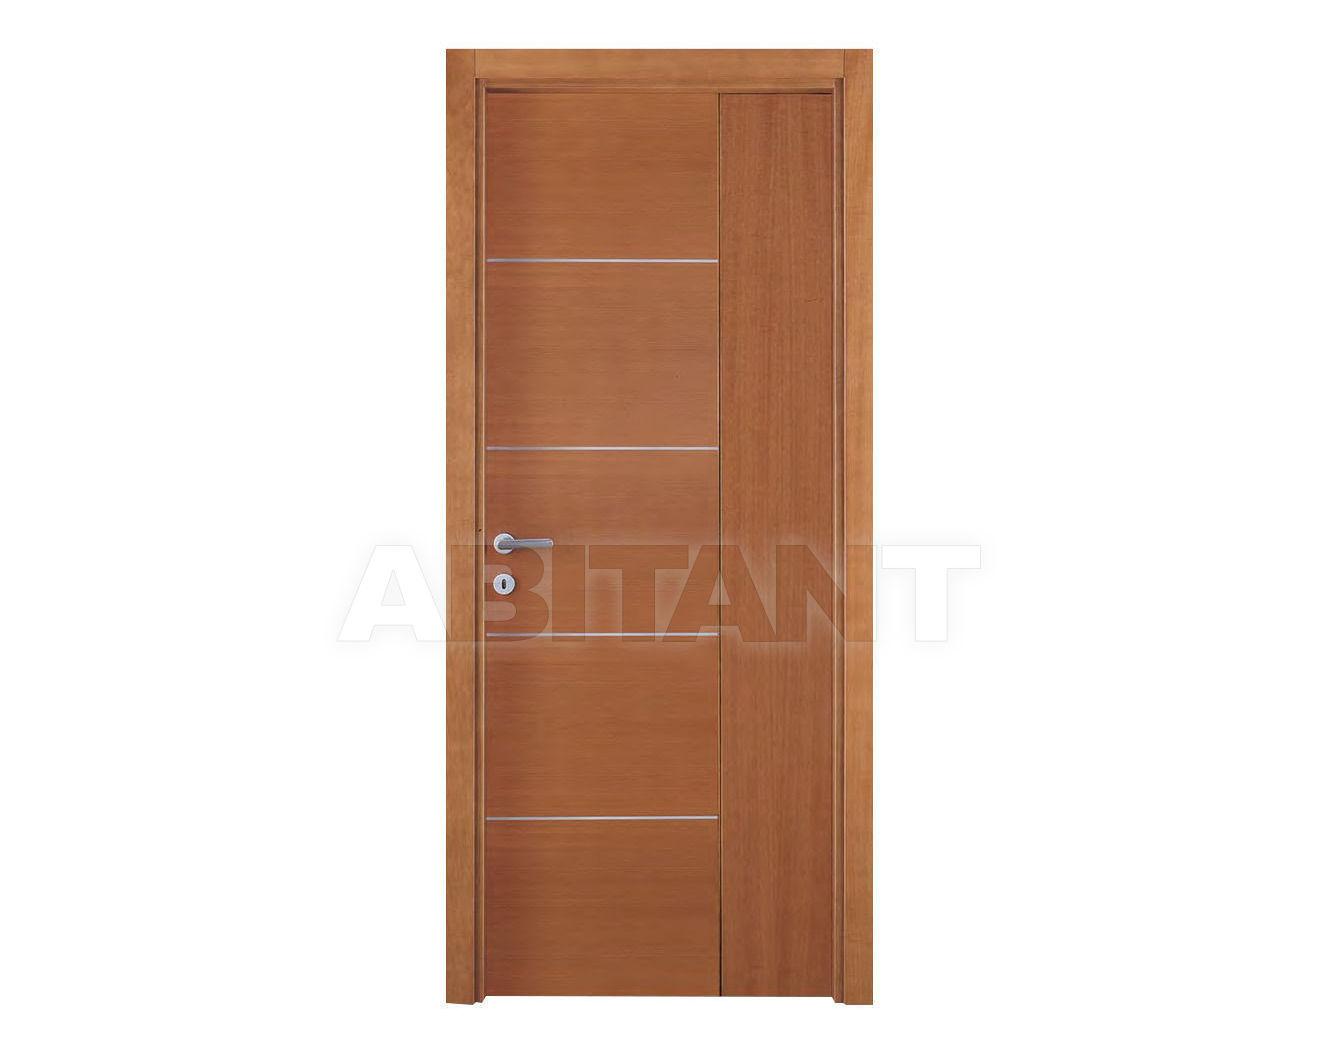 Купить Дверь деревянная Fioravazzi Lisce LIBRO DANIA A DANIA 6